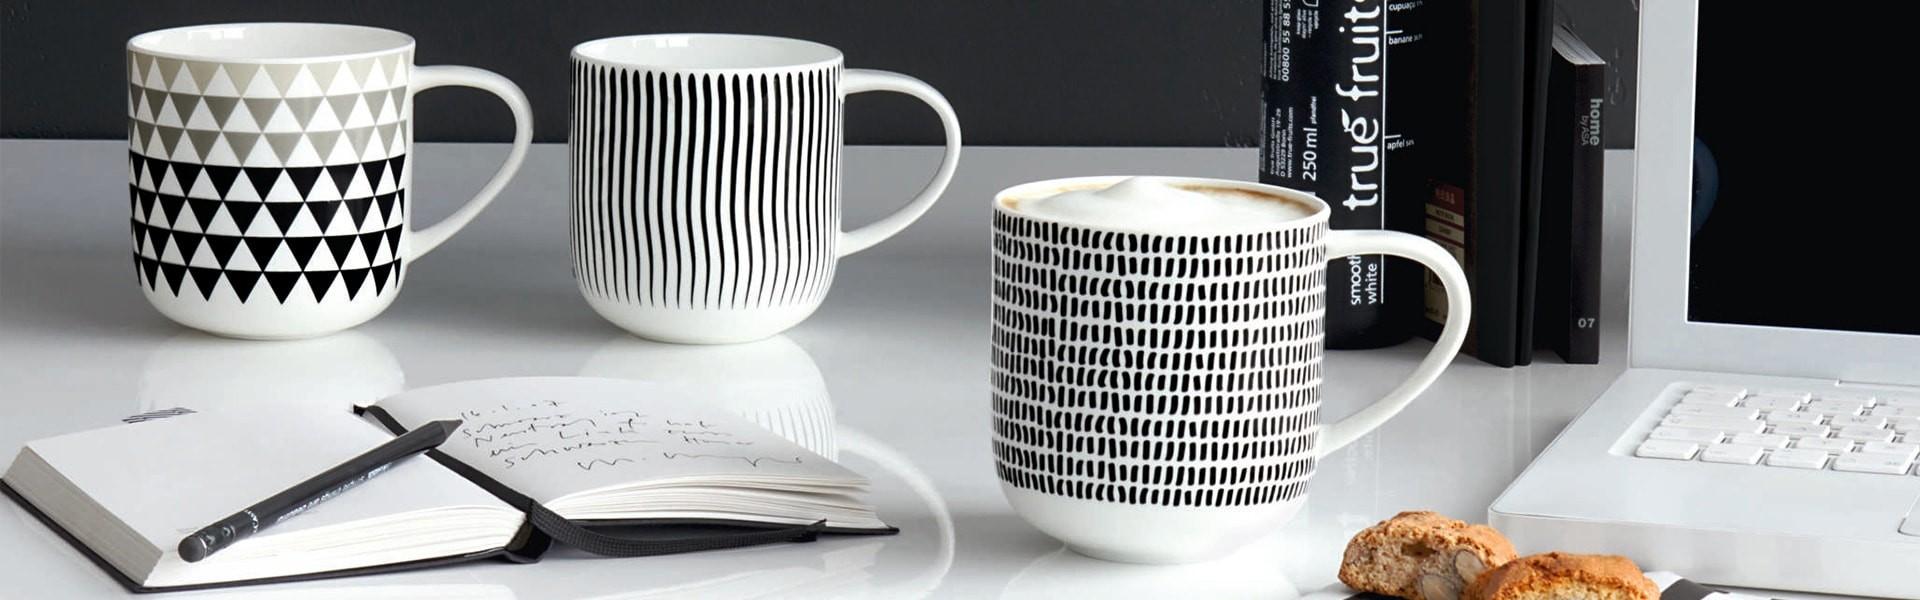 Coleção de chávenas Muga